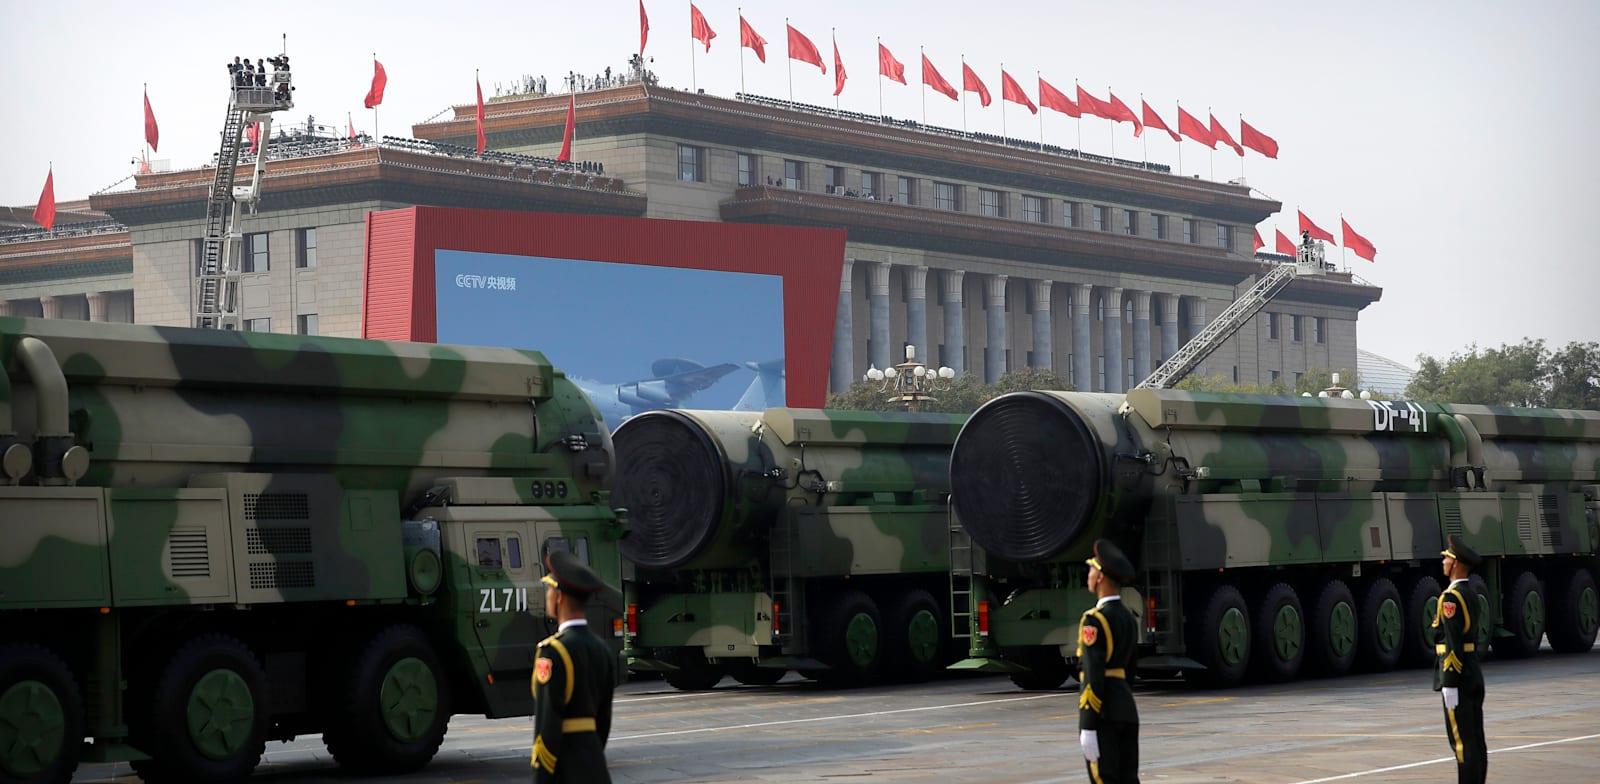 כלי רכב צבאיים סיניים נושאים טילי DF-41. הטילים מיועדים לשאת עד 10 ראשי נפץ שניתן לשלוח למטרות שונות / צילום: Associated Press, Mark Schiefelbein